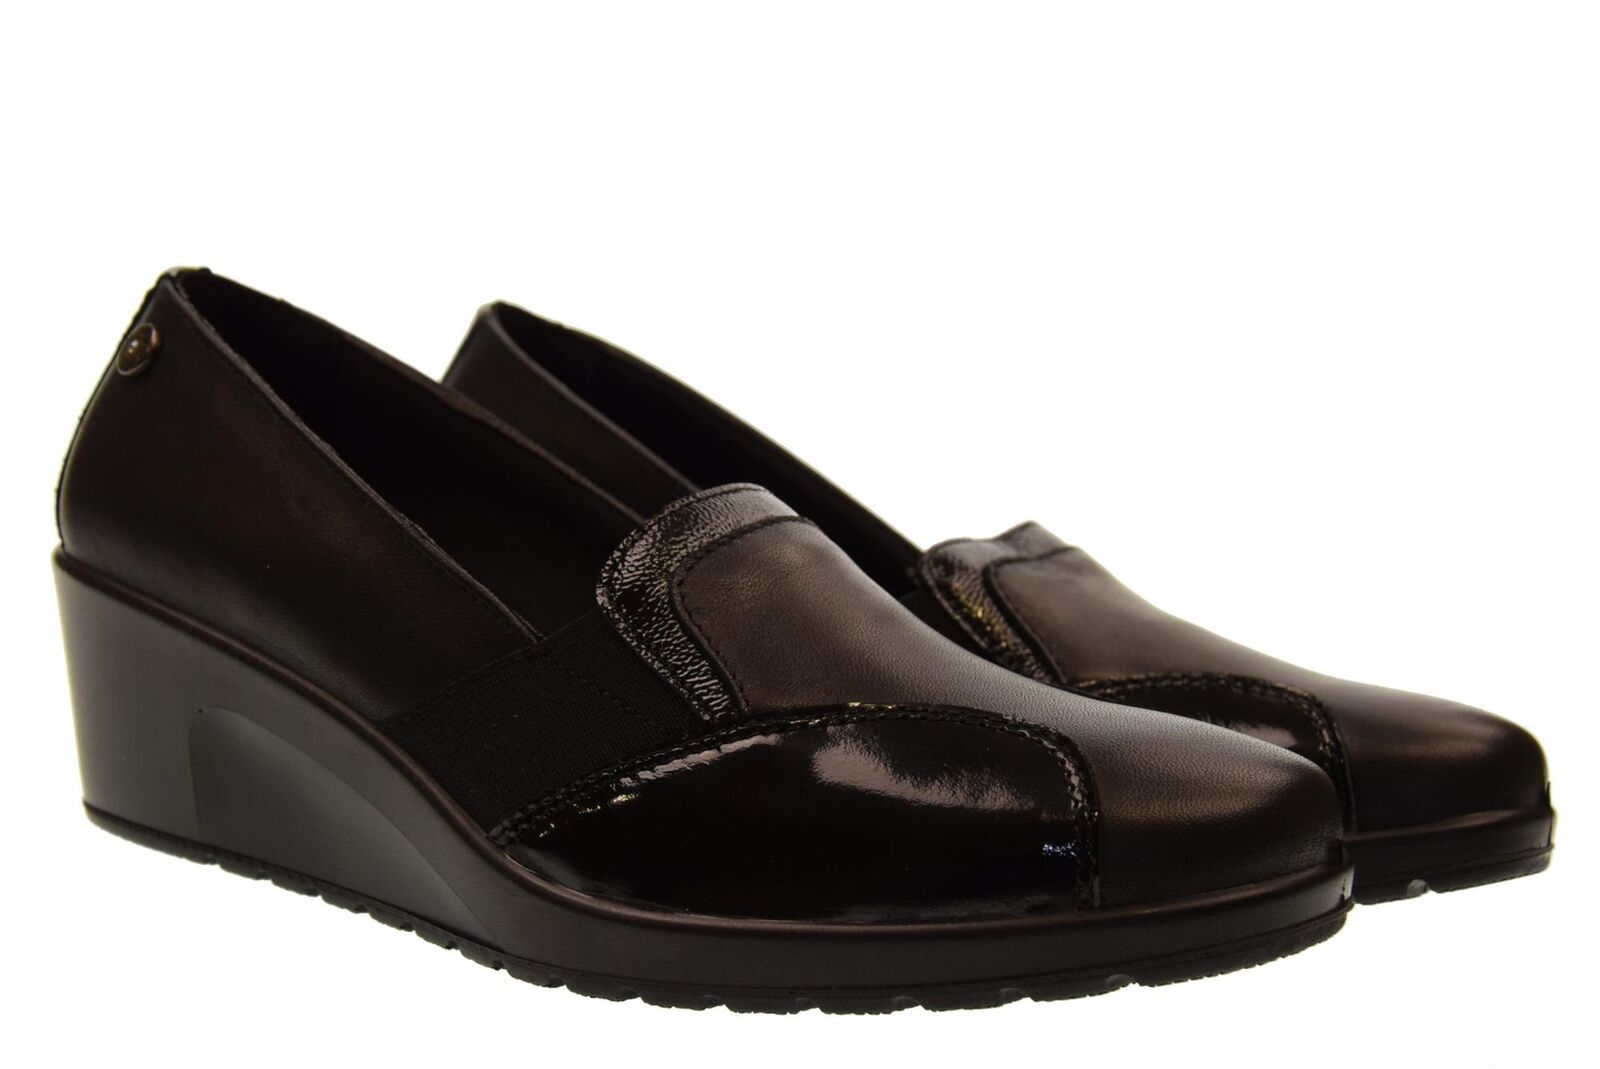 Enval Soft scarpe donna A18 mocassini con zeppa 2257900 A18 donna 782c87